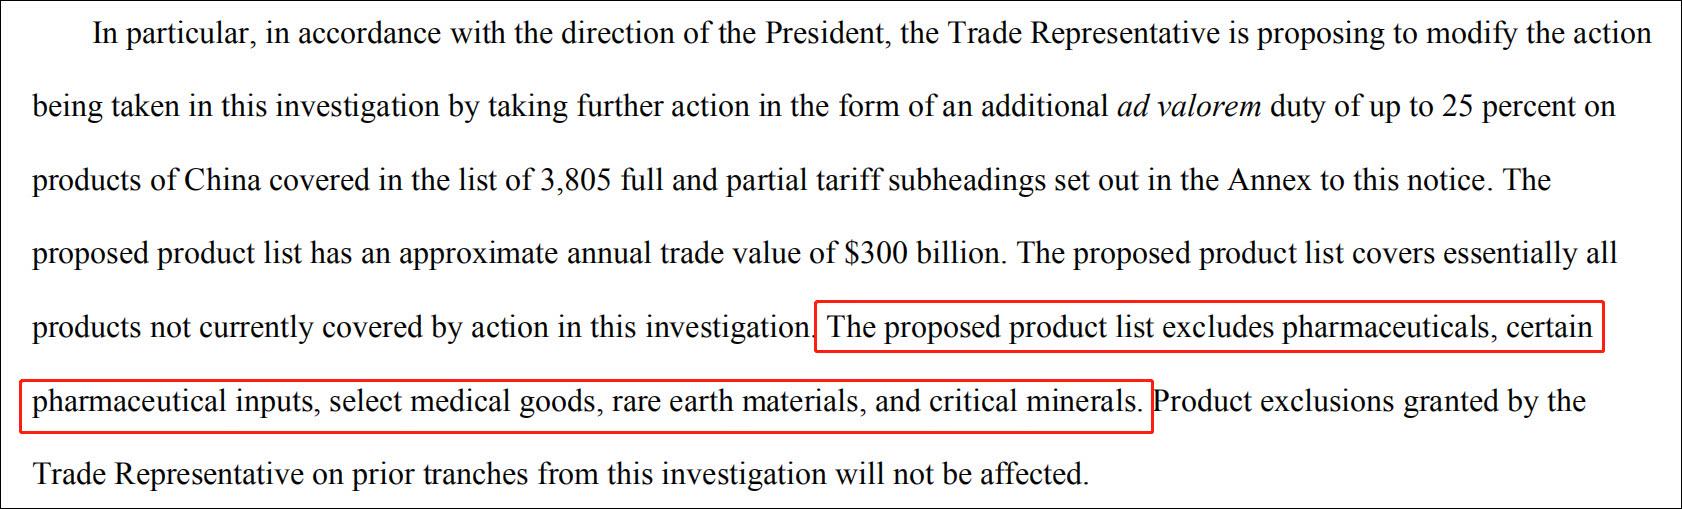 稀土未见于3000亿美元征税清单,怎么回事儿?